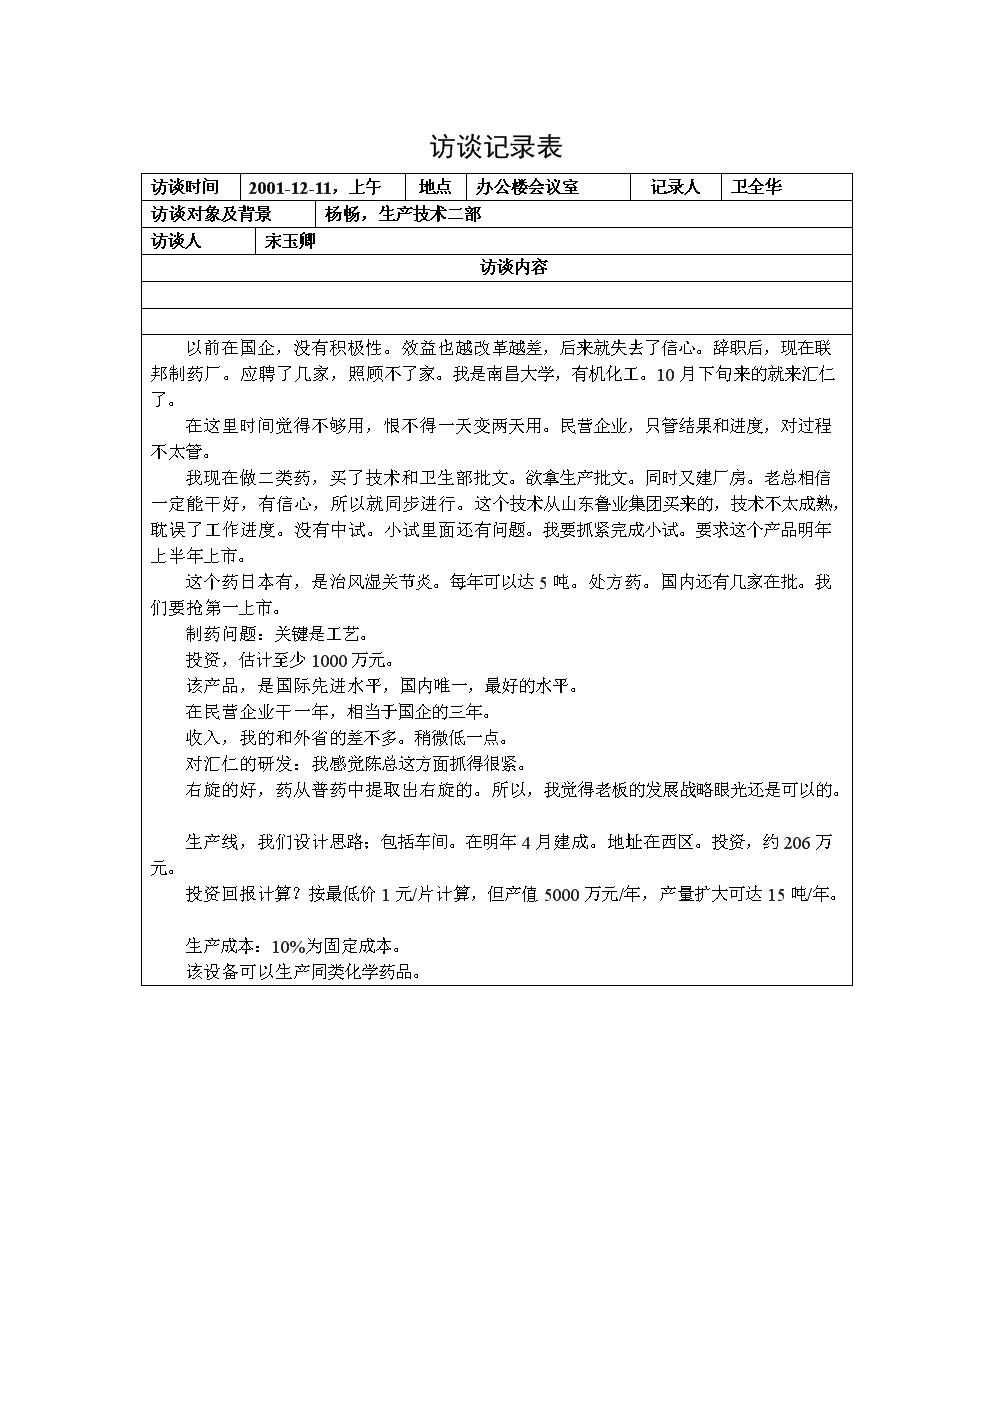 访谈记录表-杨畅.doc